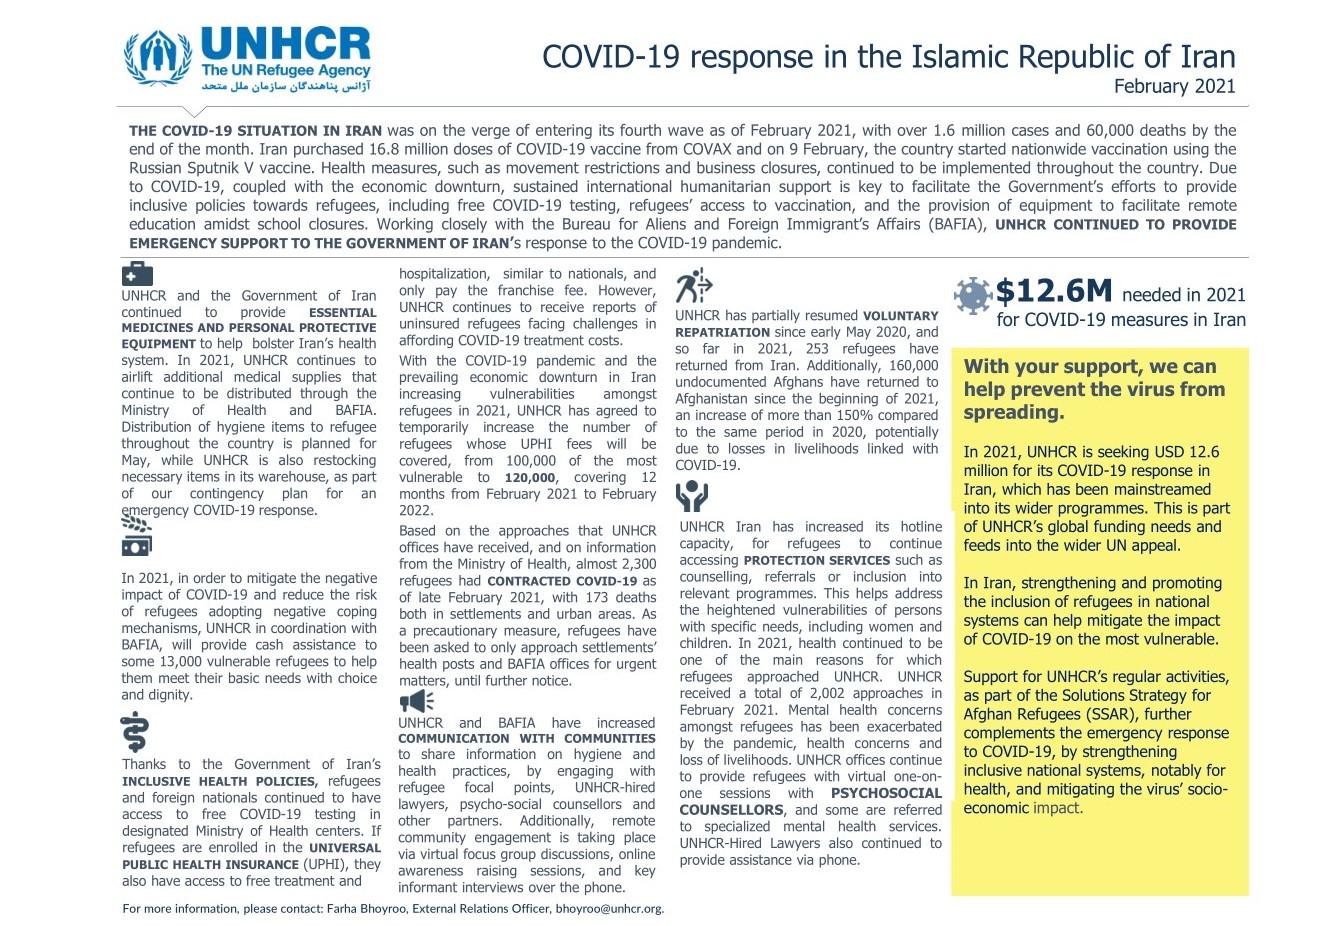 UNHCR Iran's COVID-19 Update (February 2021)